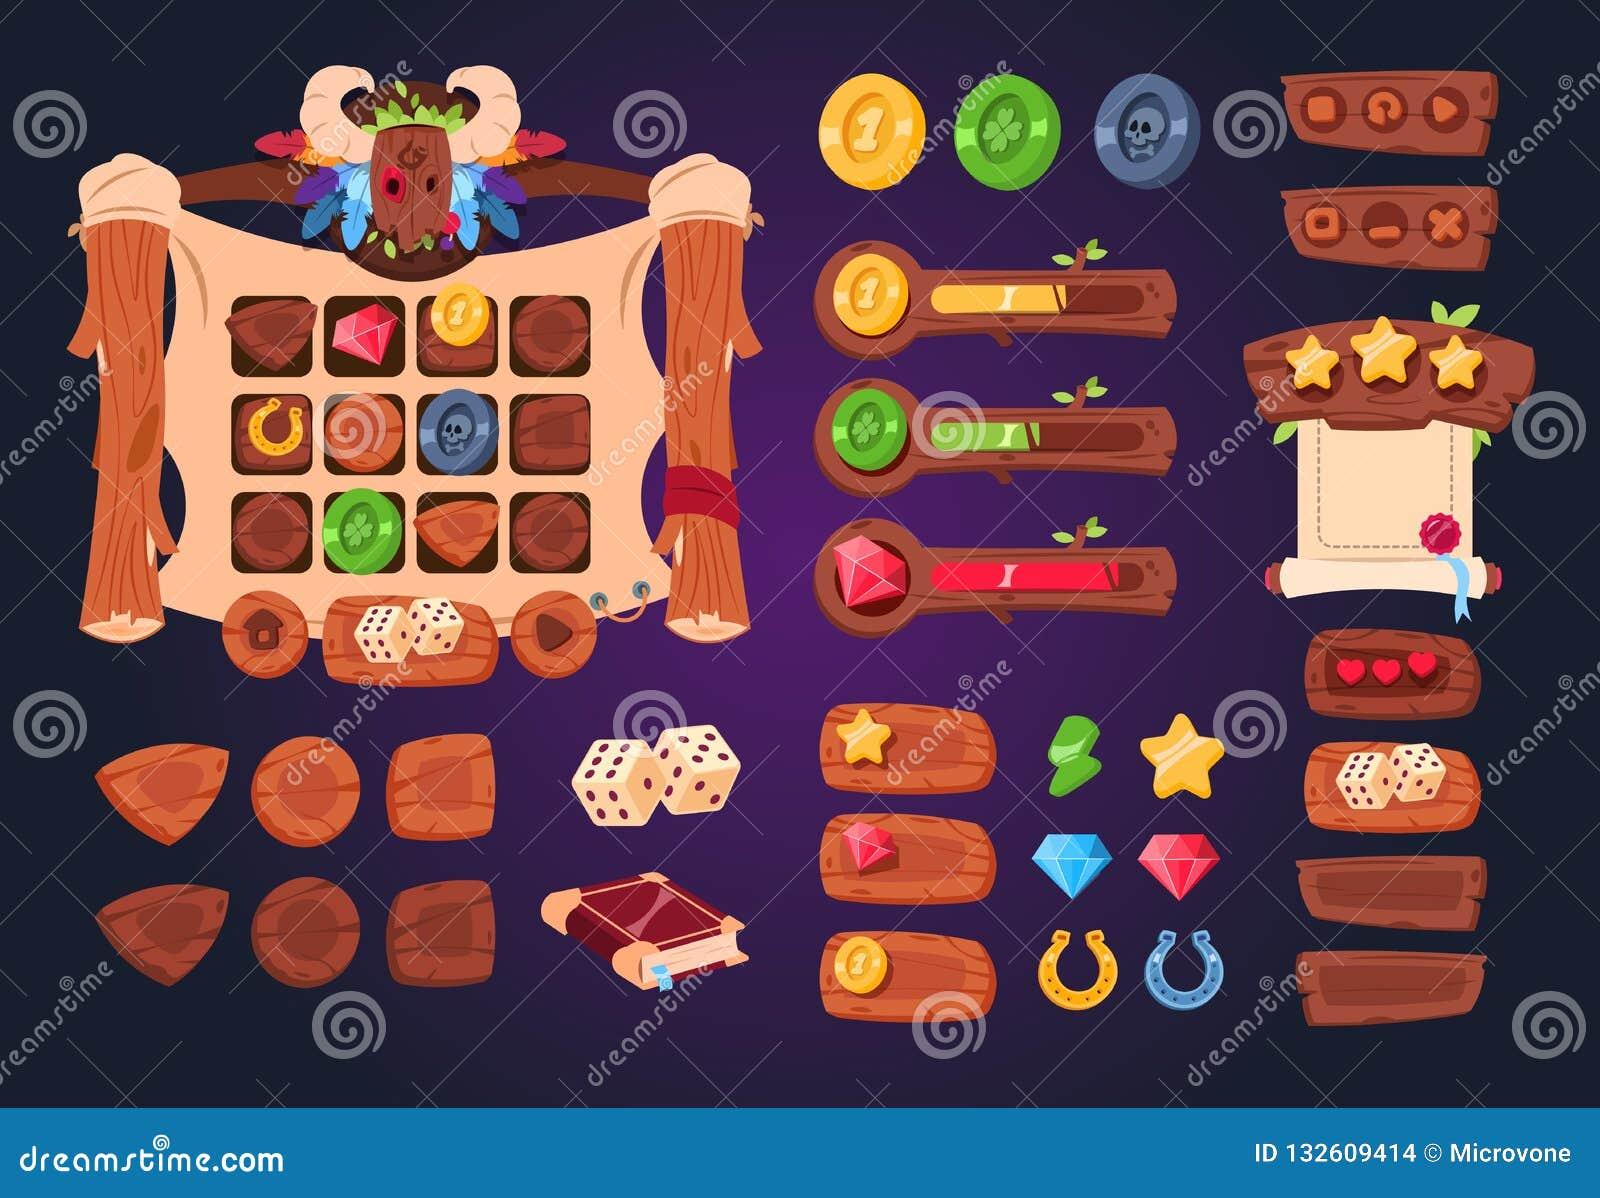 Ui de jeu de bande dessinée Boutons, glisseurs et icônes en bois Connectez pour les 2d jeux, conception de vecteur de GUI d appli